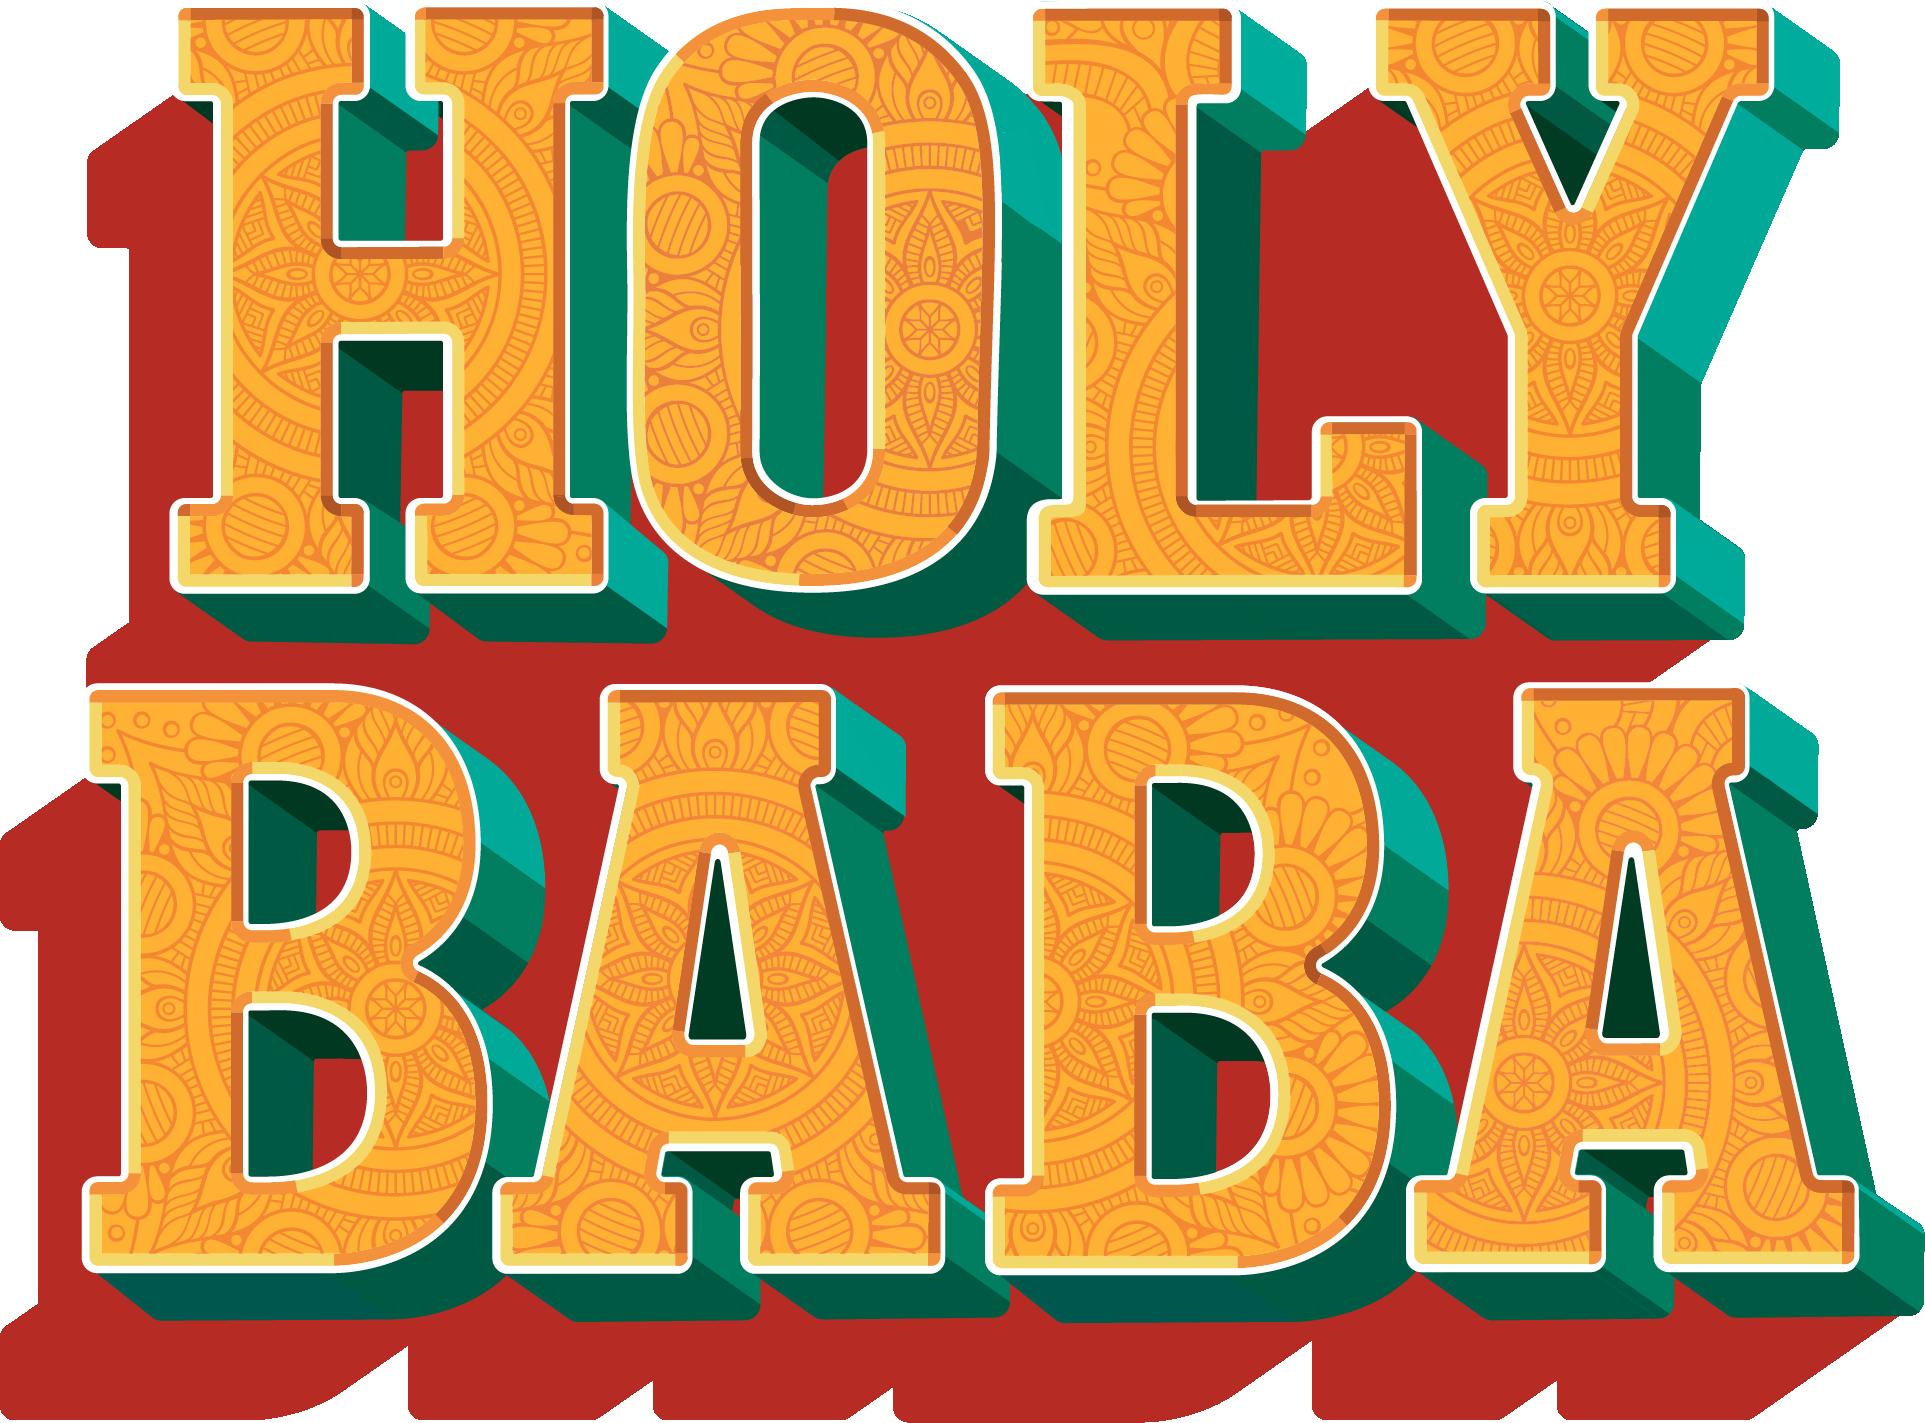 LOGO HOLY BABA